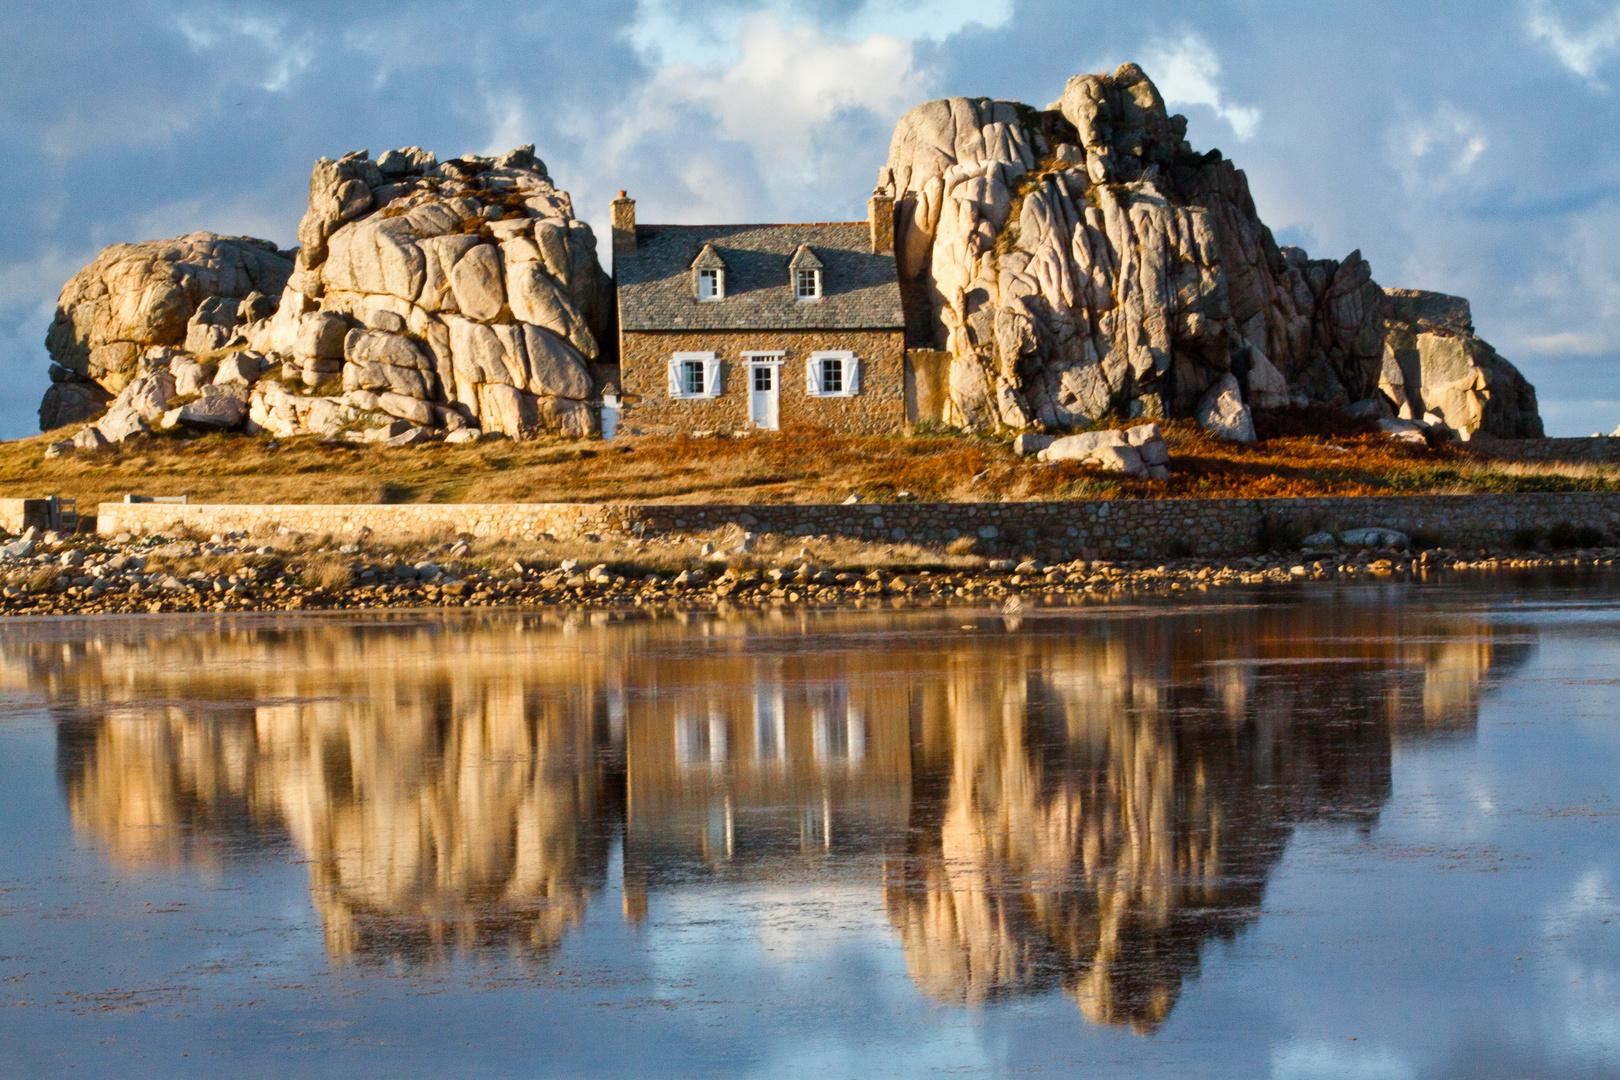 Das Haus zwischen den Felsen II Foto & Bild | europe